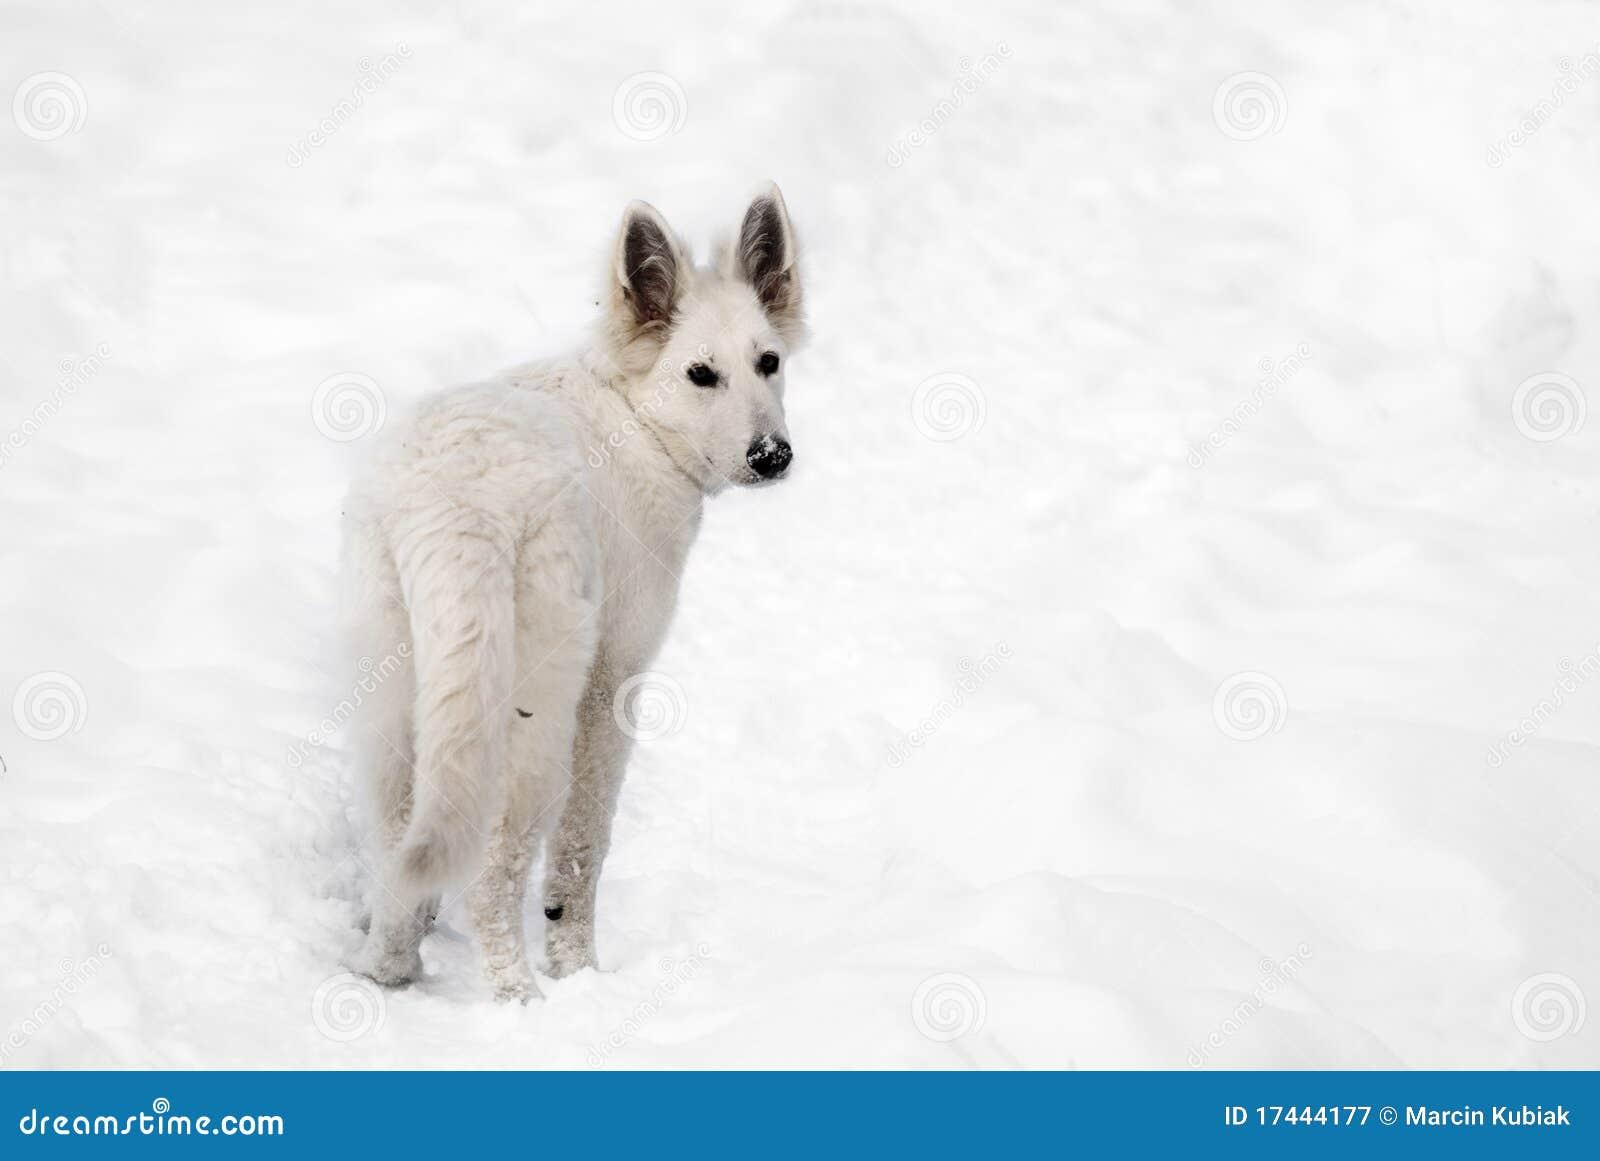 White wolf running in snow